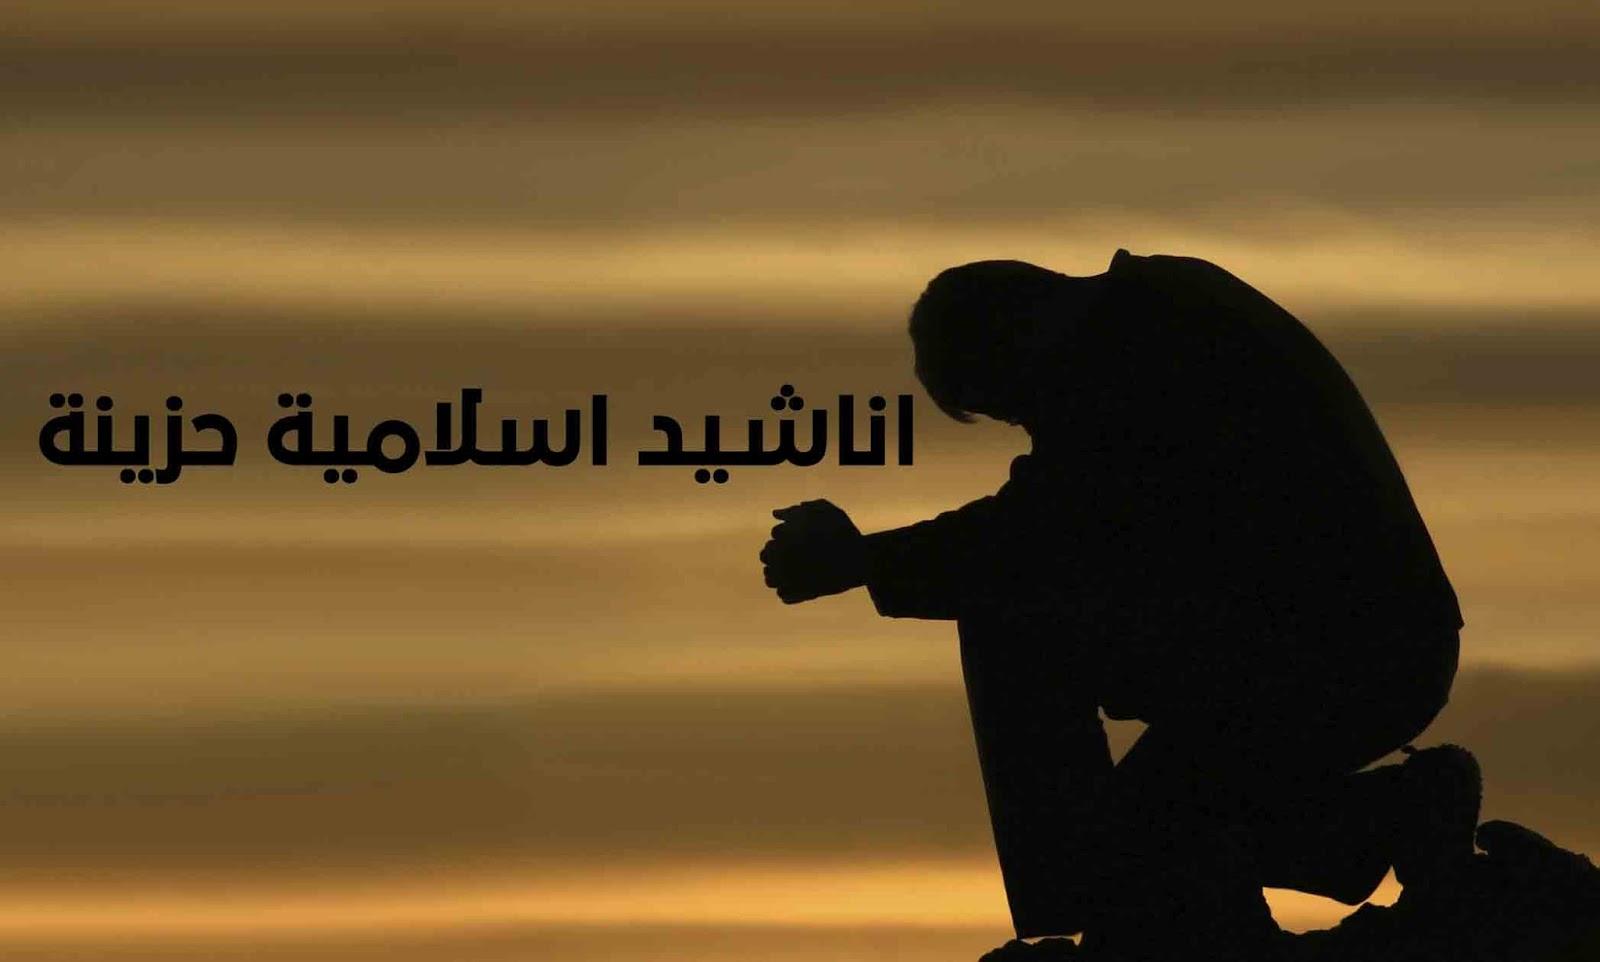 صور اناشيد اسلامية حزينة , اجمل نشيد ديني حزين جدا